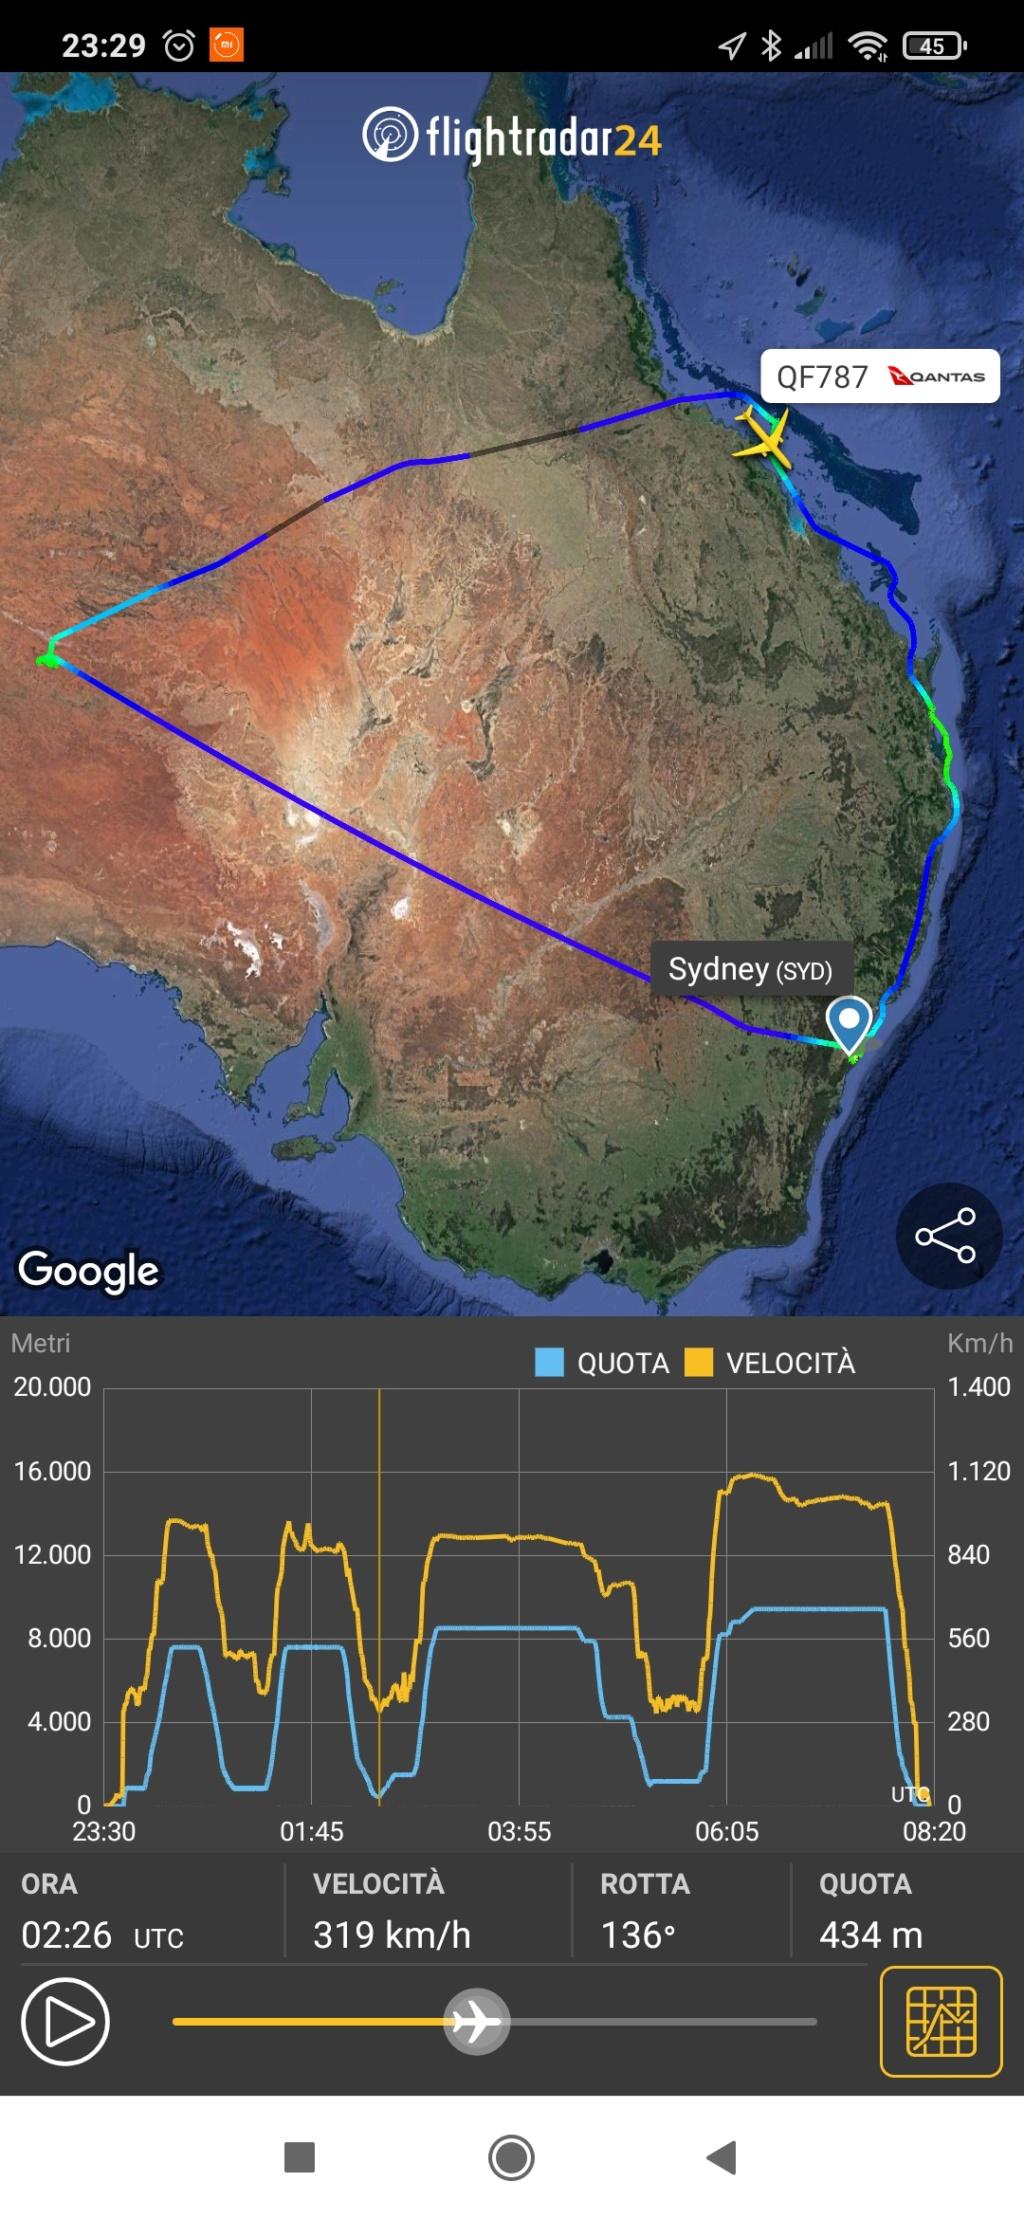 Qantas 10 ottobre 2020 volo QF787. da Sidney a Sidney 7 ore volo panoramico. Screen51